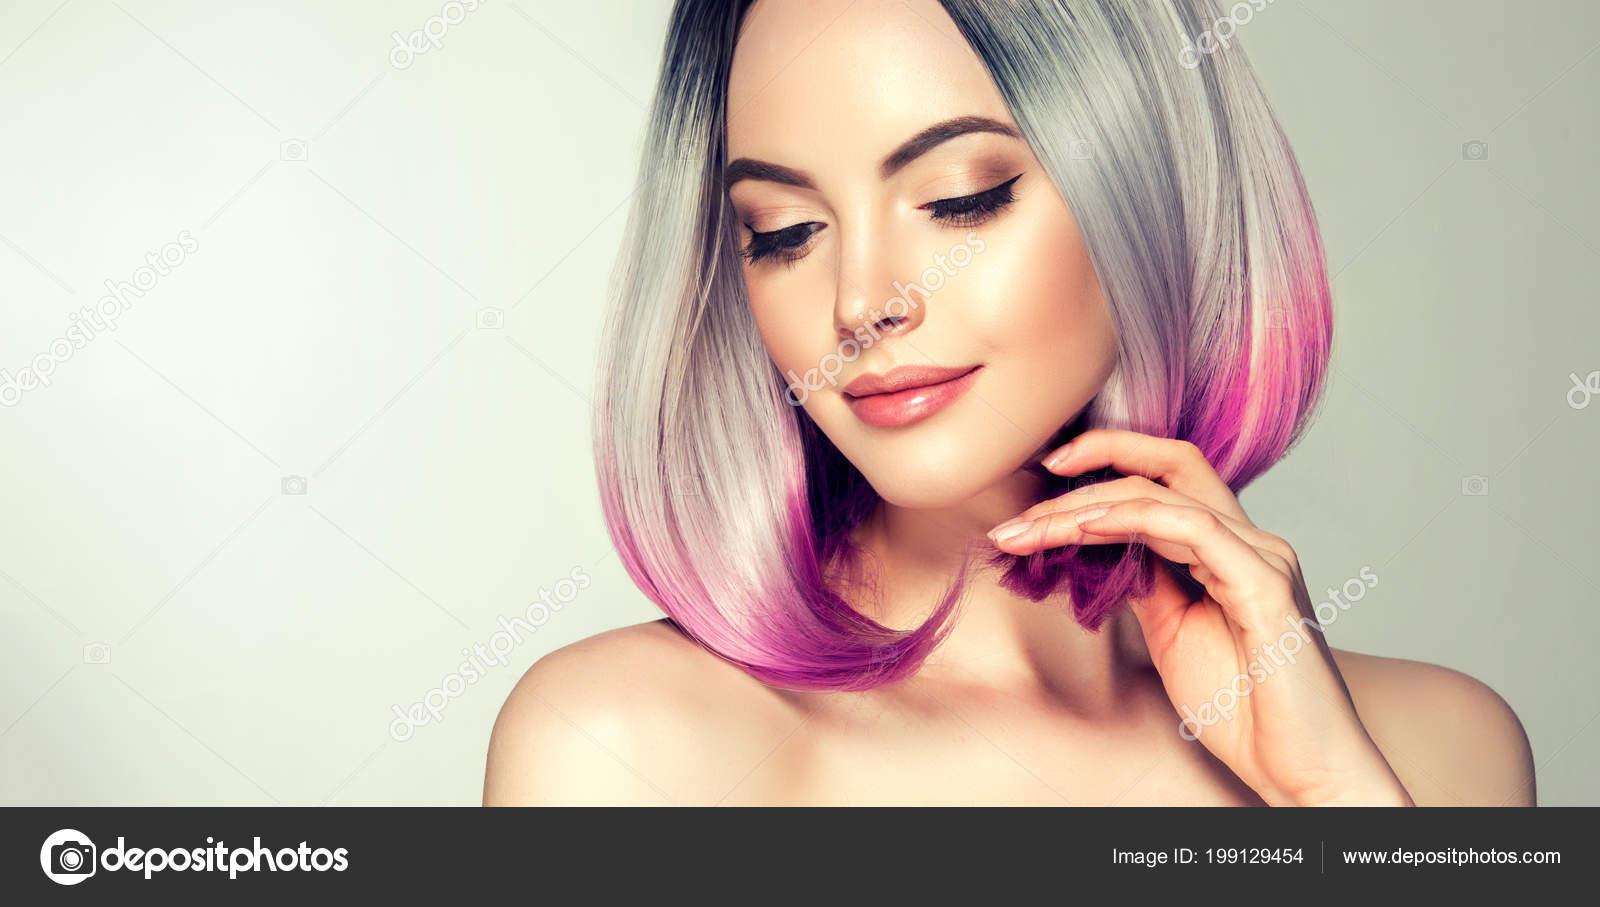 Mujer para colorear un cabello hermoso. Corte de pelo moda moda. Corte de pelo  corto ombre de bob. Modelo rubio con corte de pelo corto brillante. f5f33101e5d8